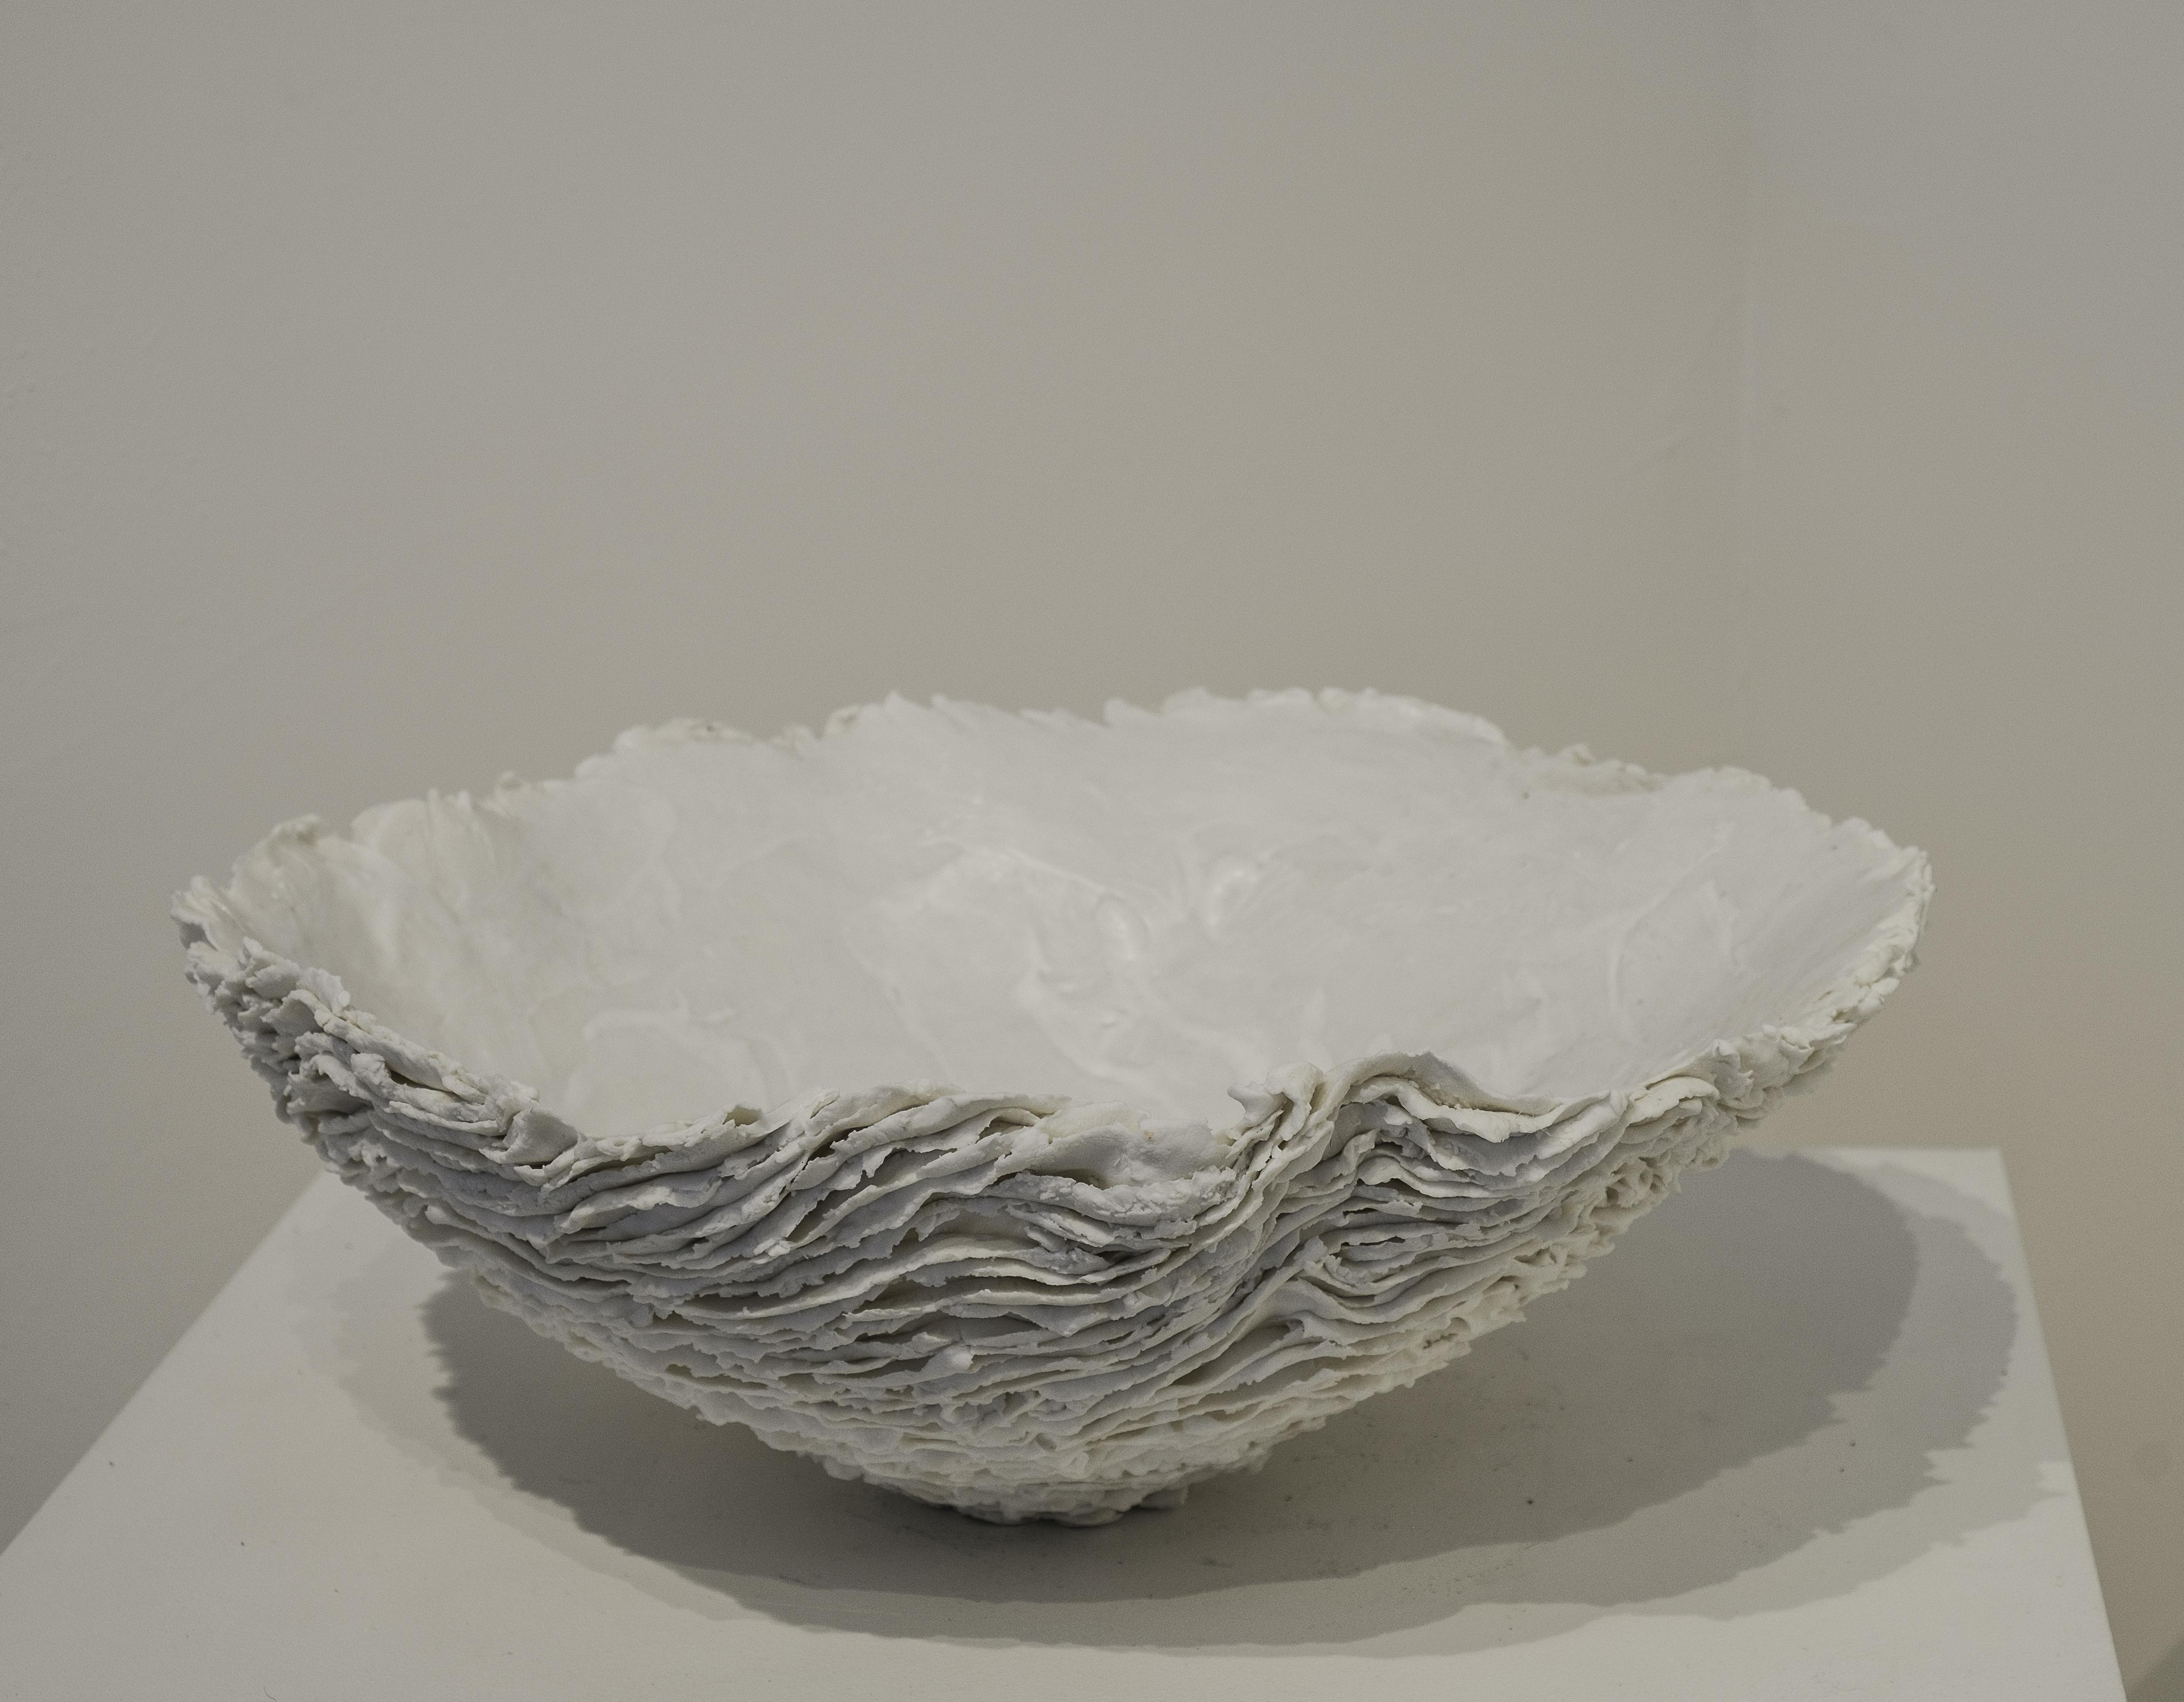 isabelle-leclercq-sculpteur-ceramique